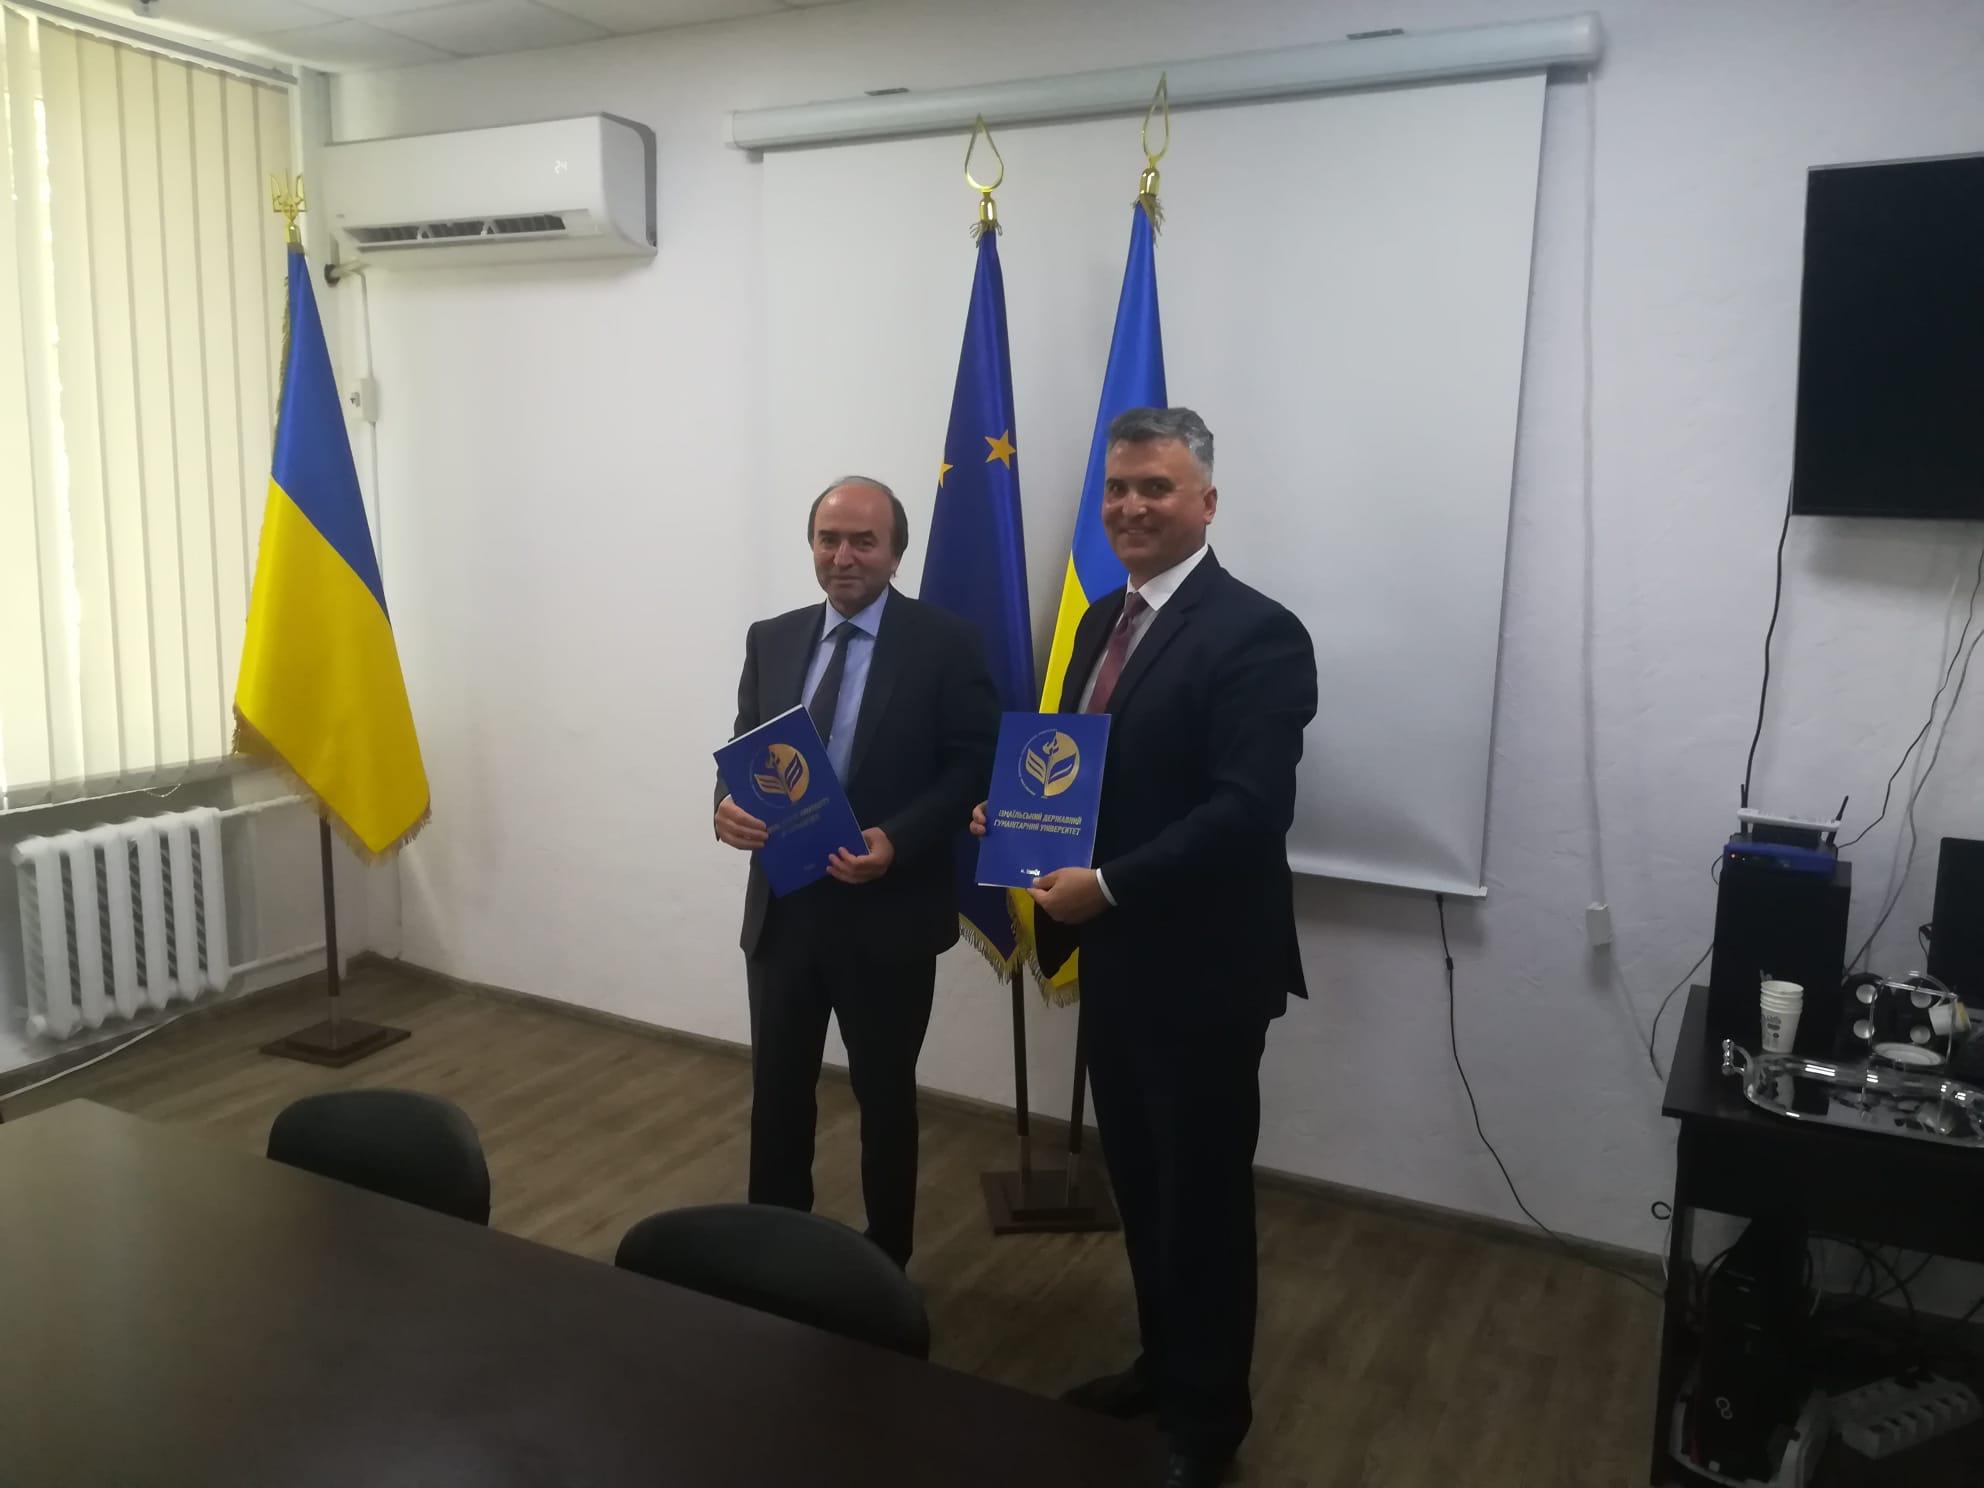 Rectorul UAIC, vizită oficială la Universitatea din Ismail, Ucraina